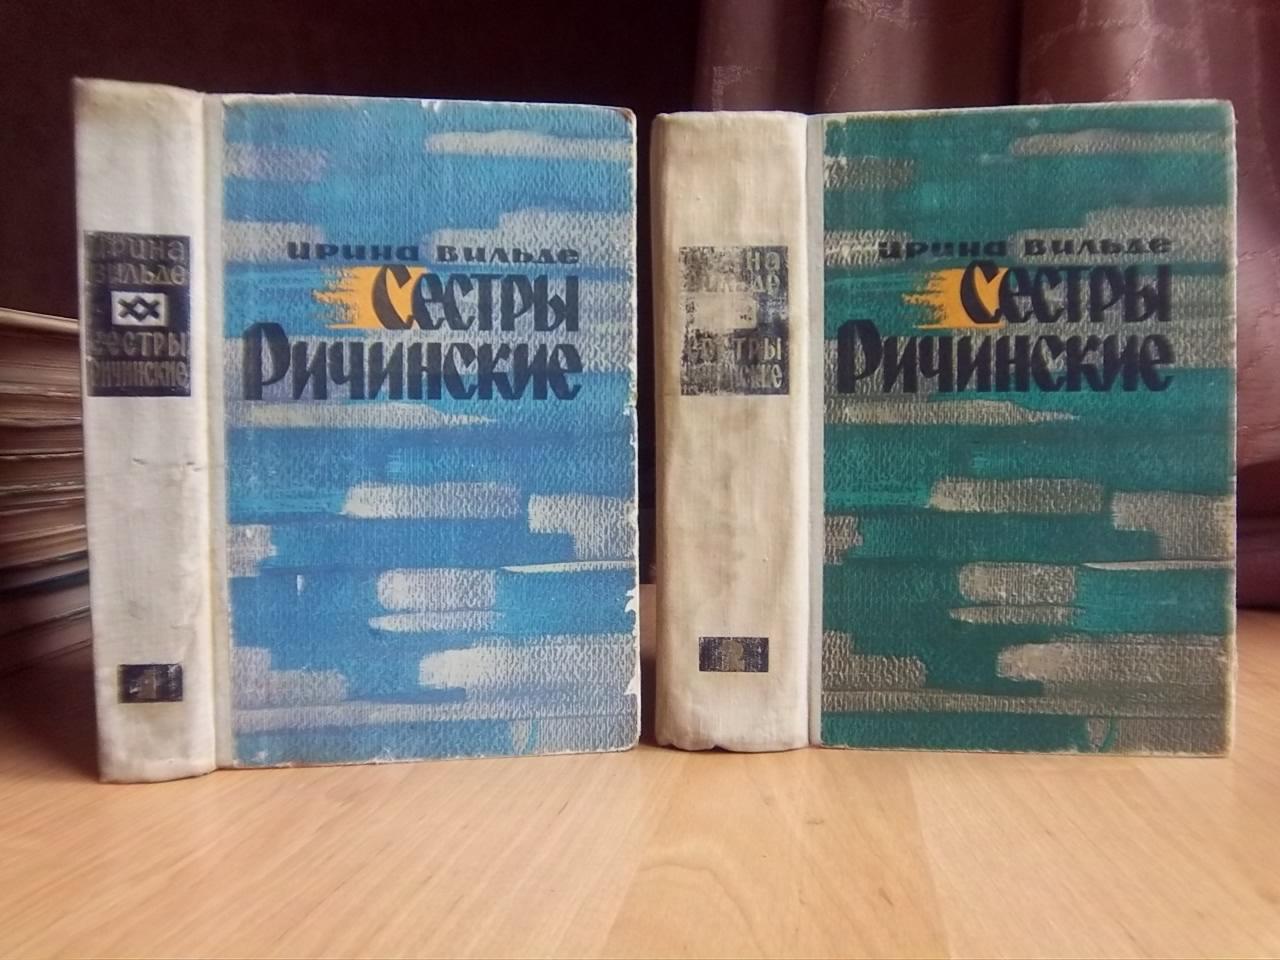 Сестры Ричинские Книга первая и вторая